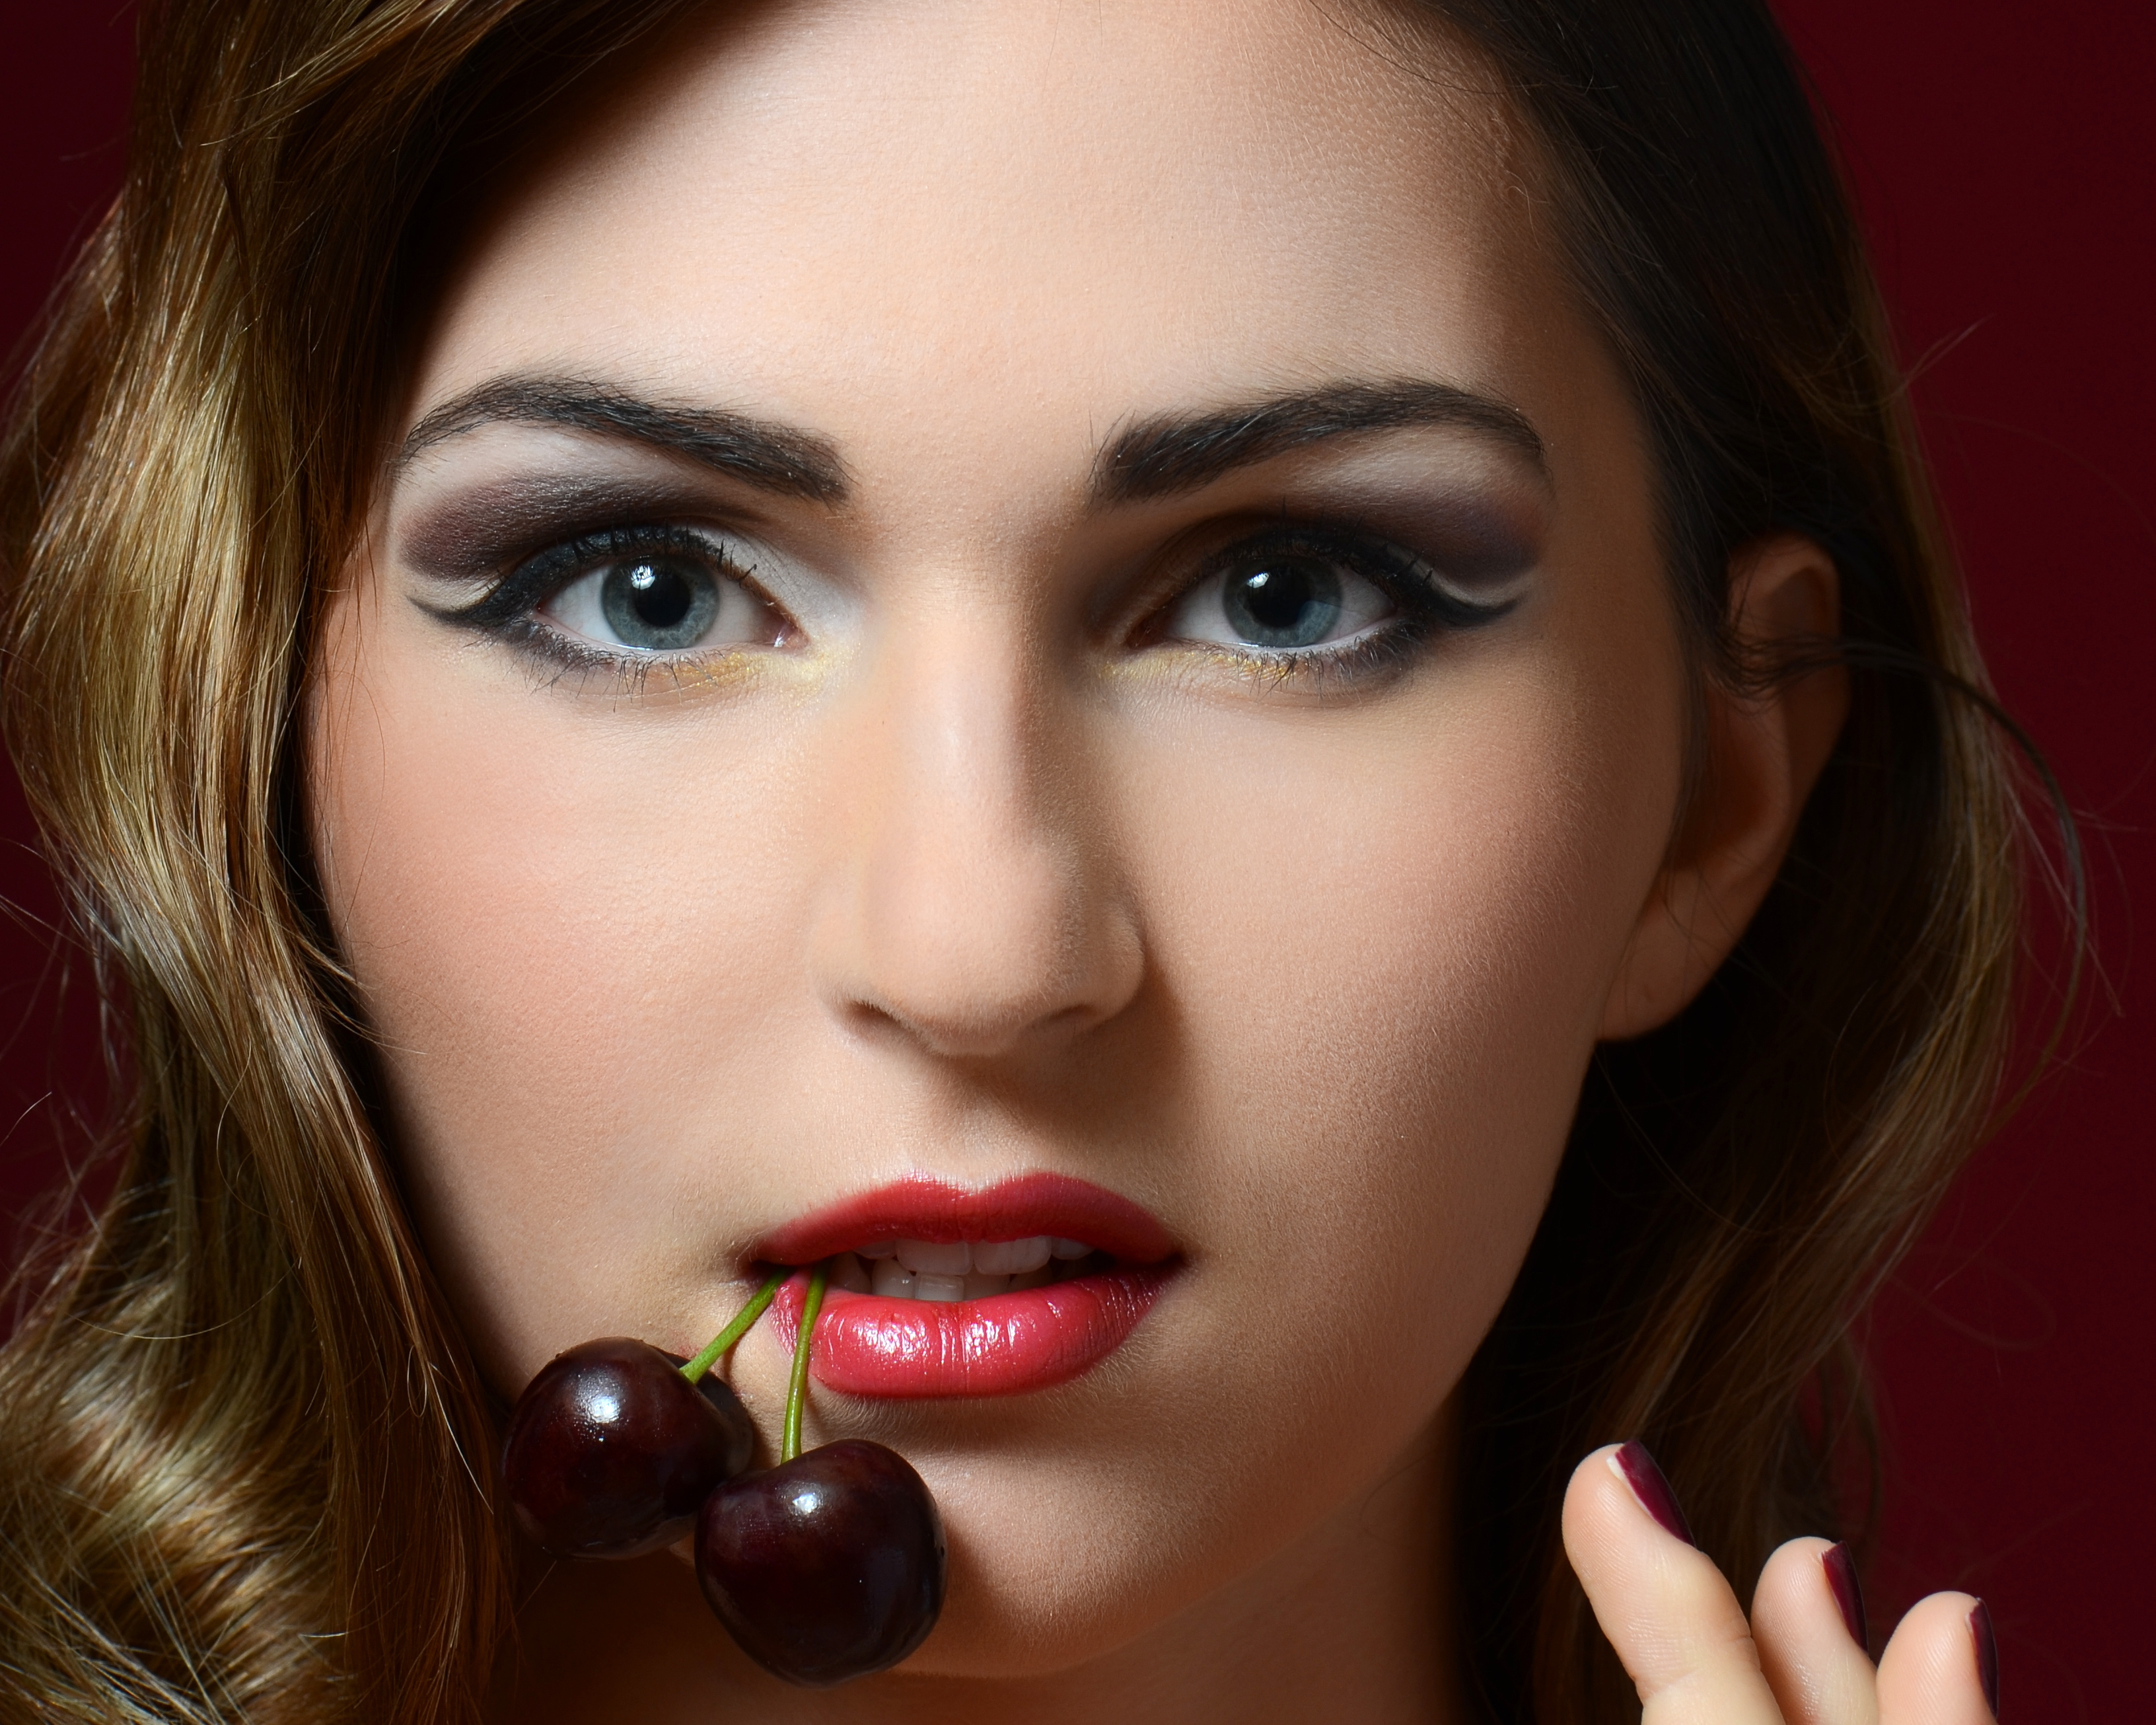 патологический вишневые губы картинка питомнику проходит